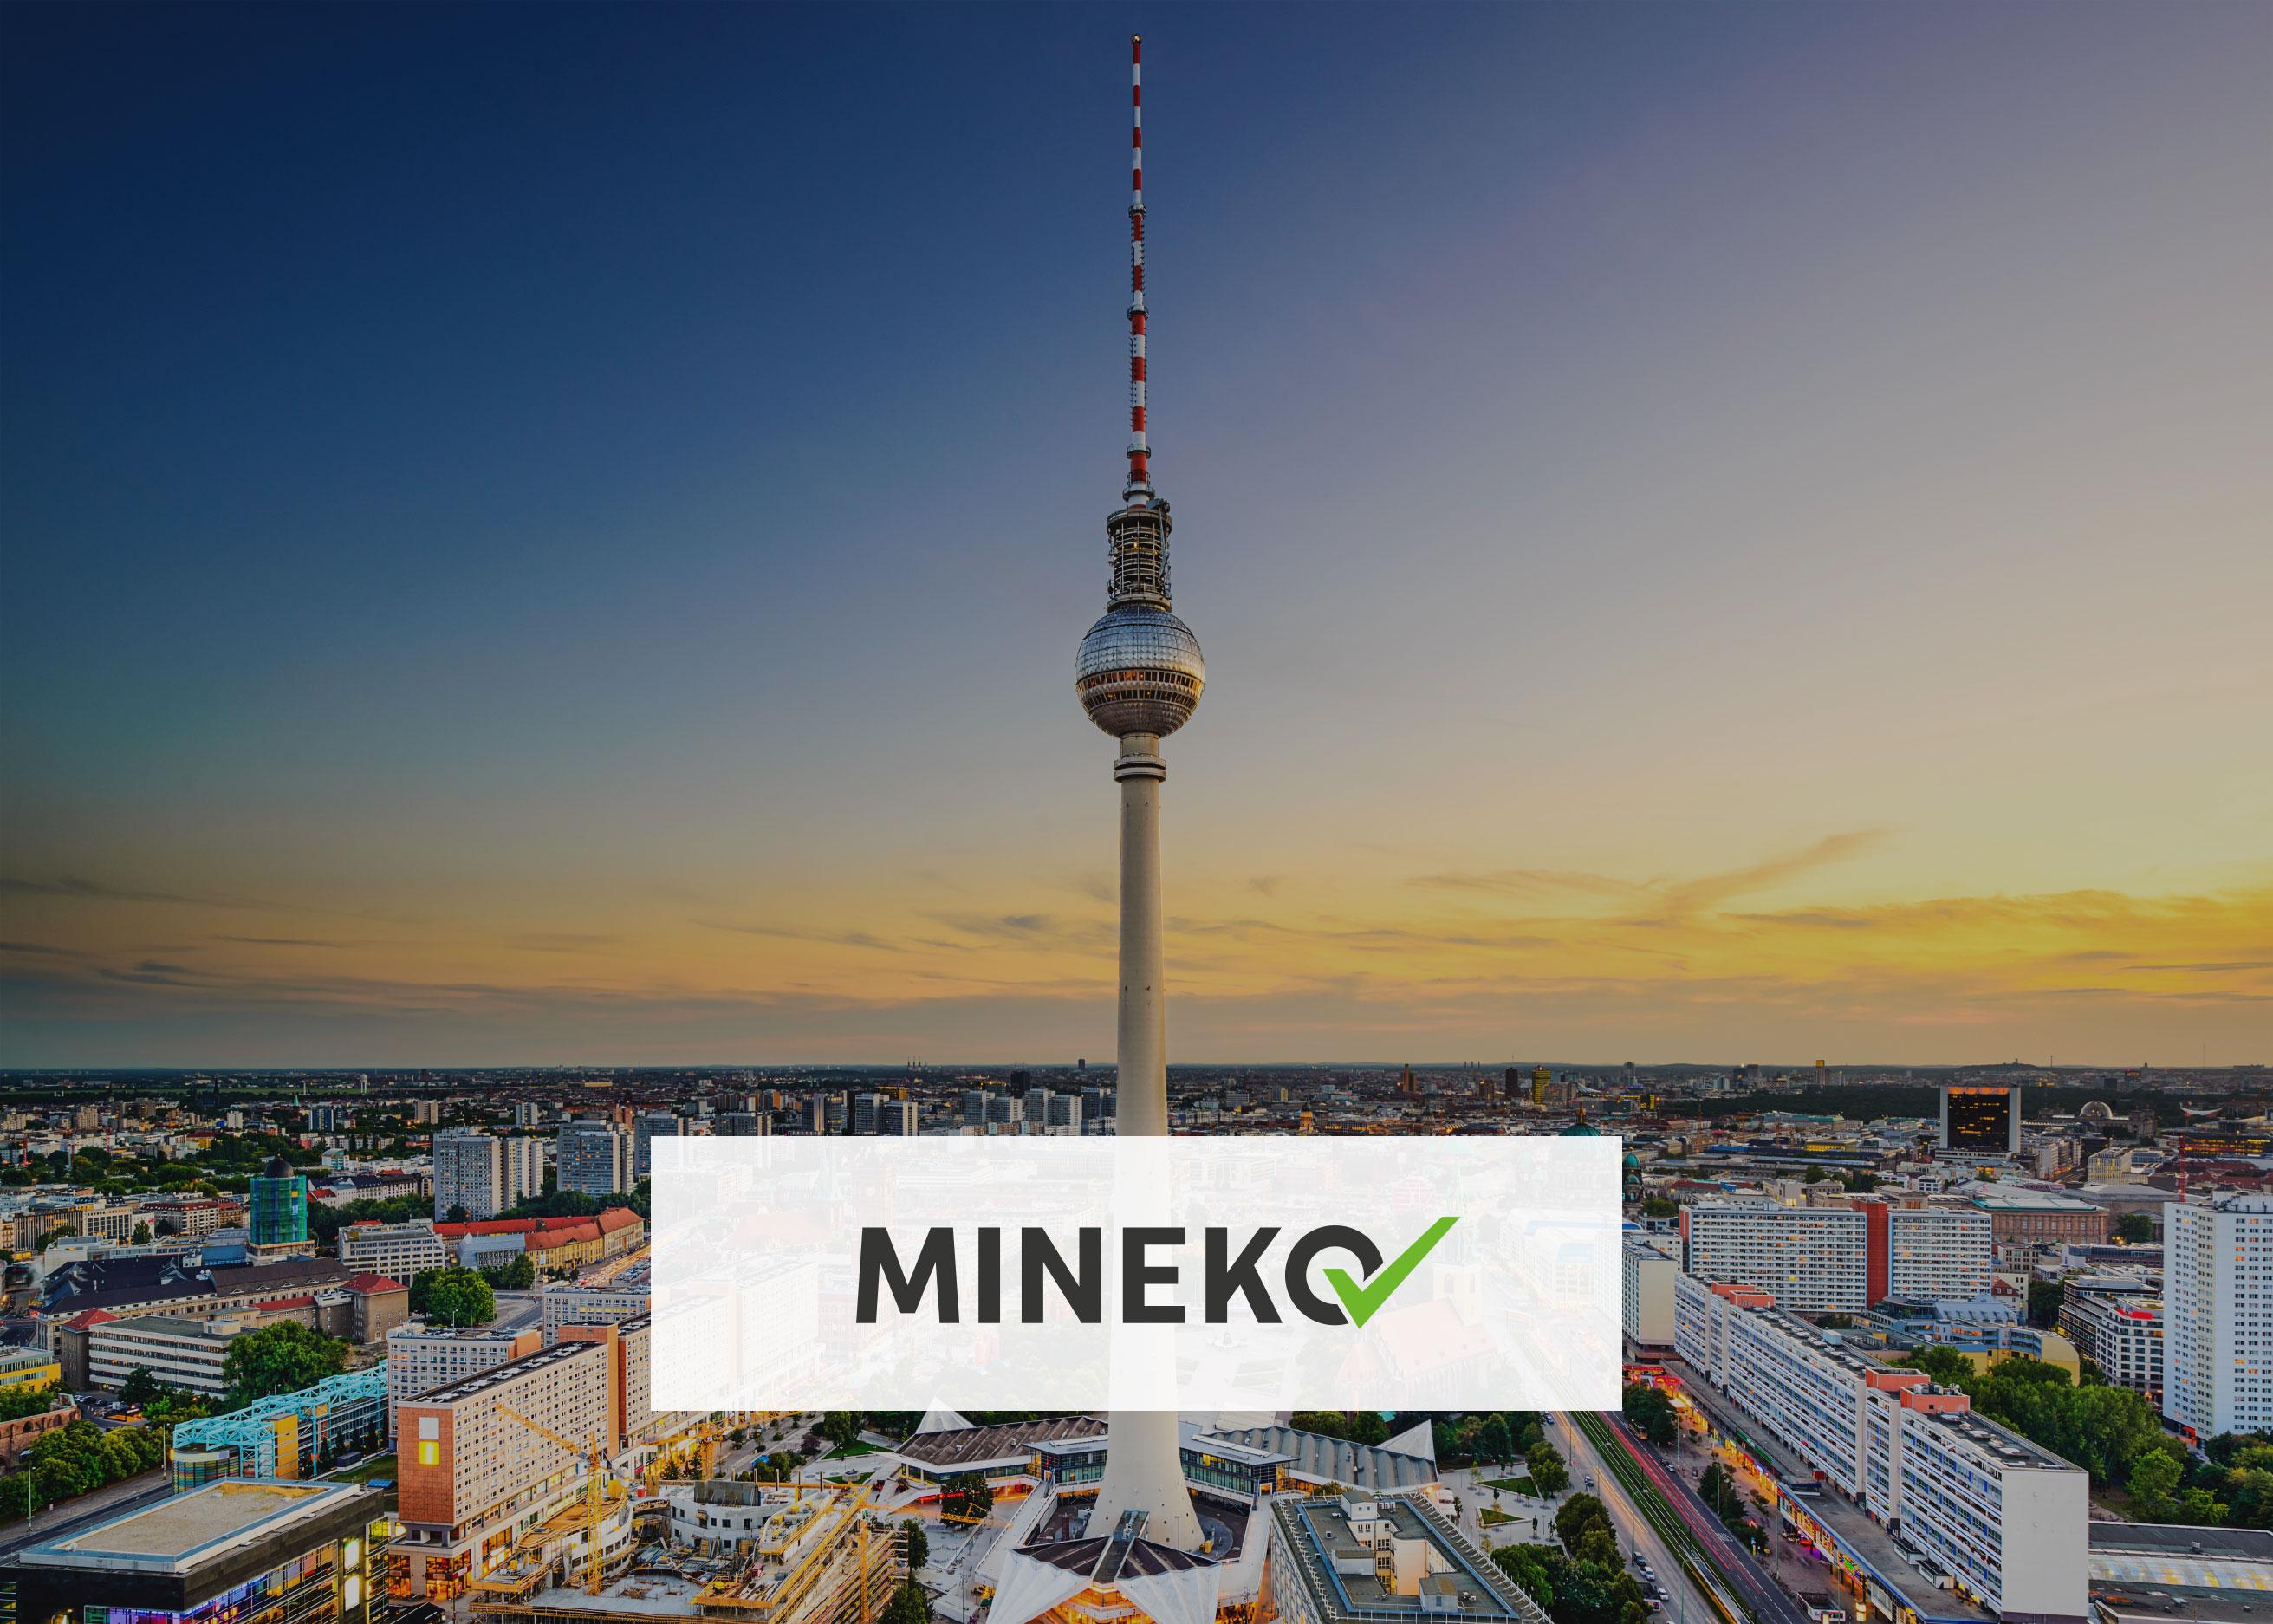 MINEKO - Startup mit Sitz in Berlin